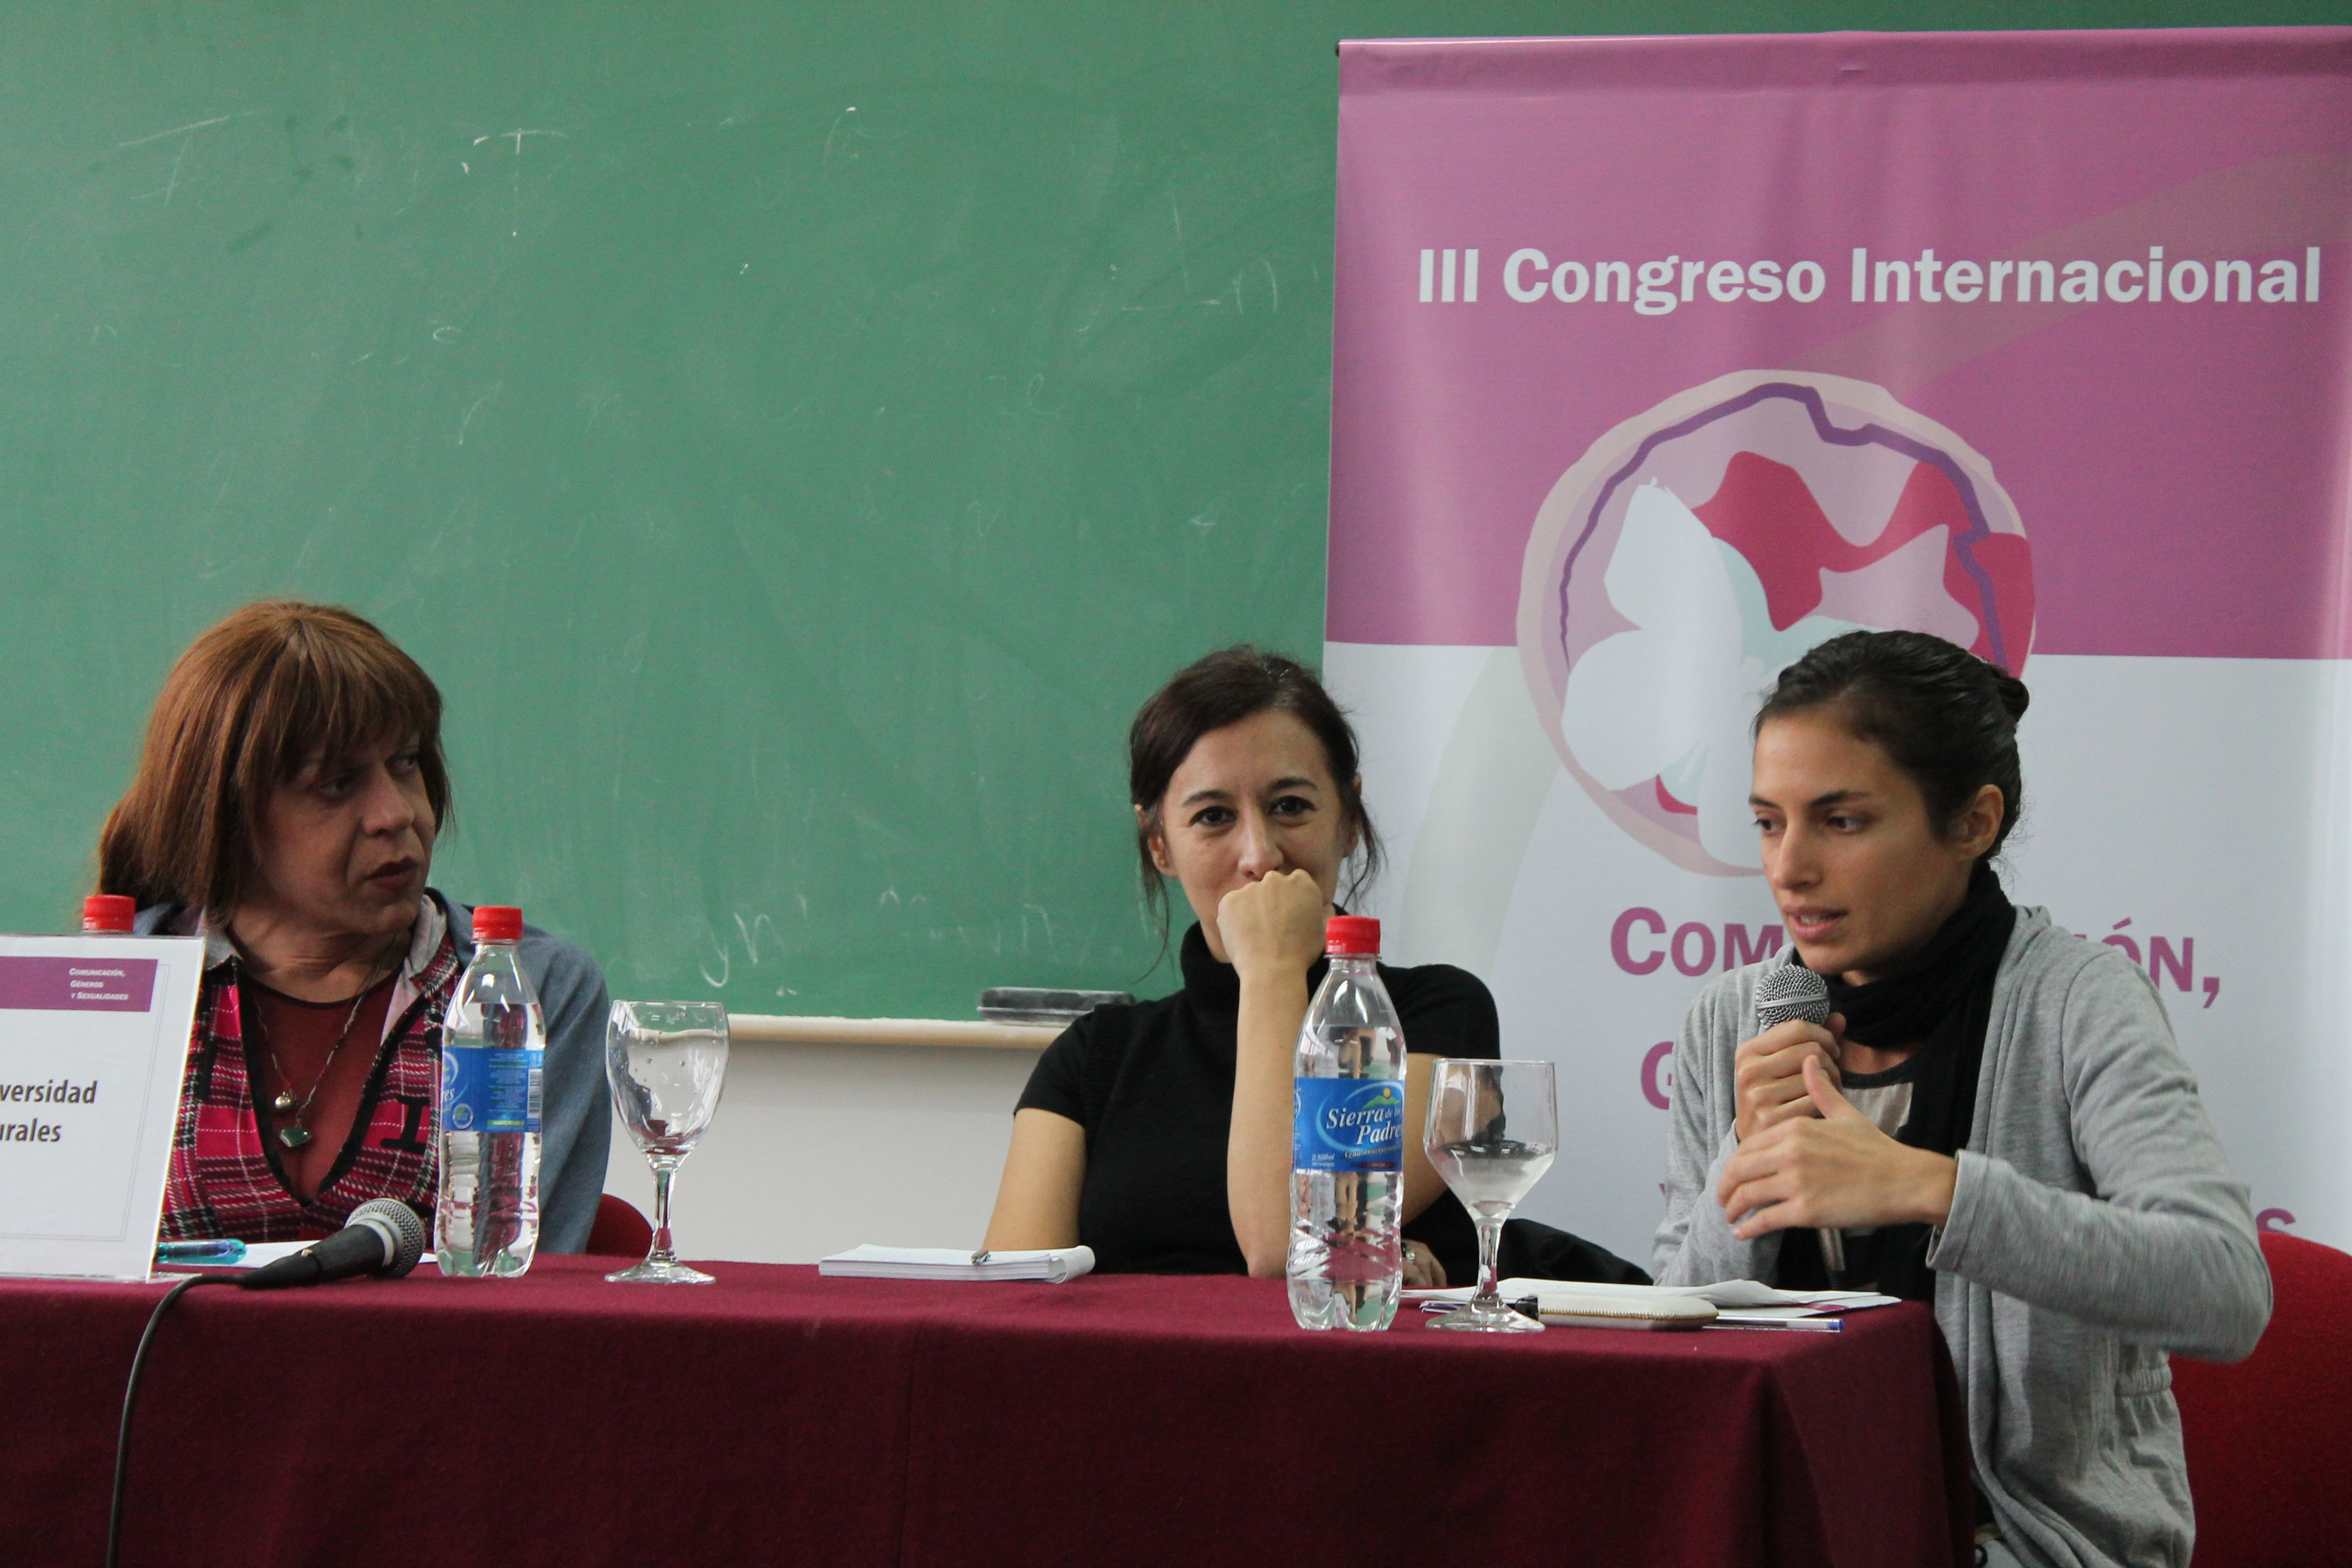 PANEL 5 | Medios, género, diversidad y conflictos culturales  Liliana Viola (Página 12/ Debate)  Marlene Wayar (El Teje)  Paula González Ceuninck (FPyCS-UNLP)